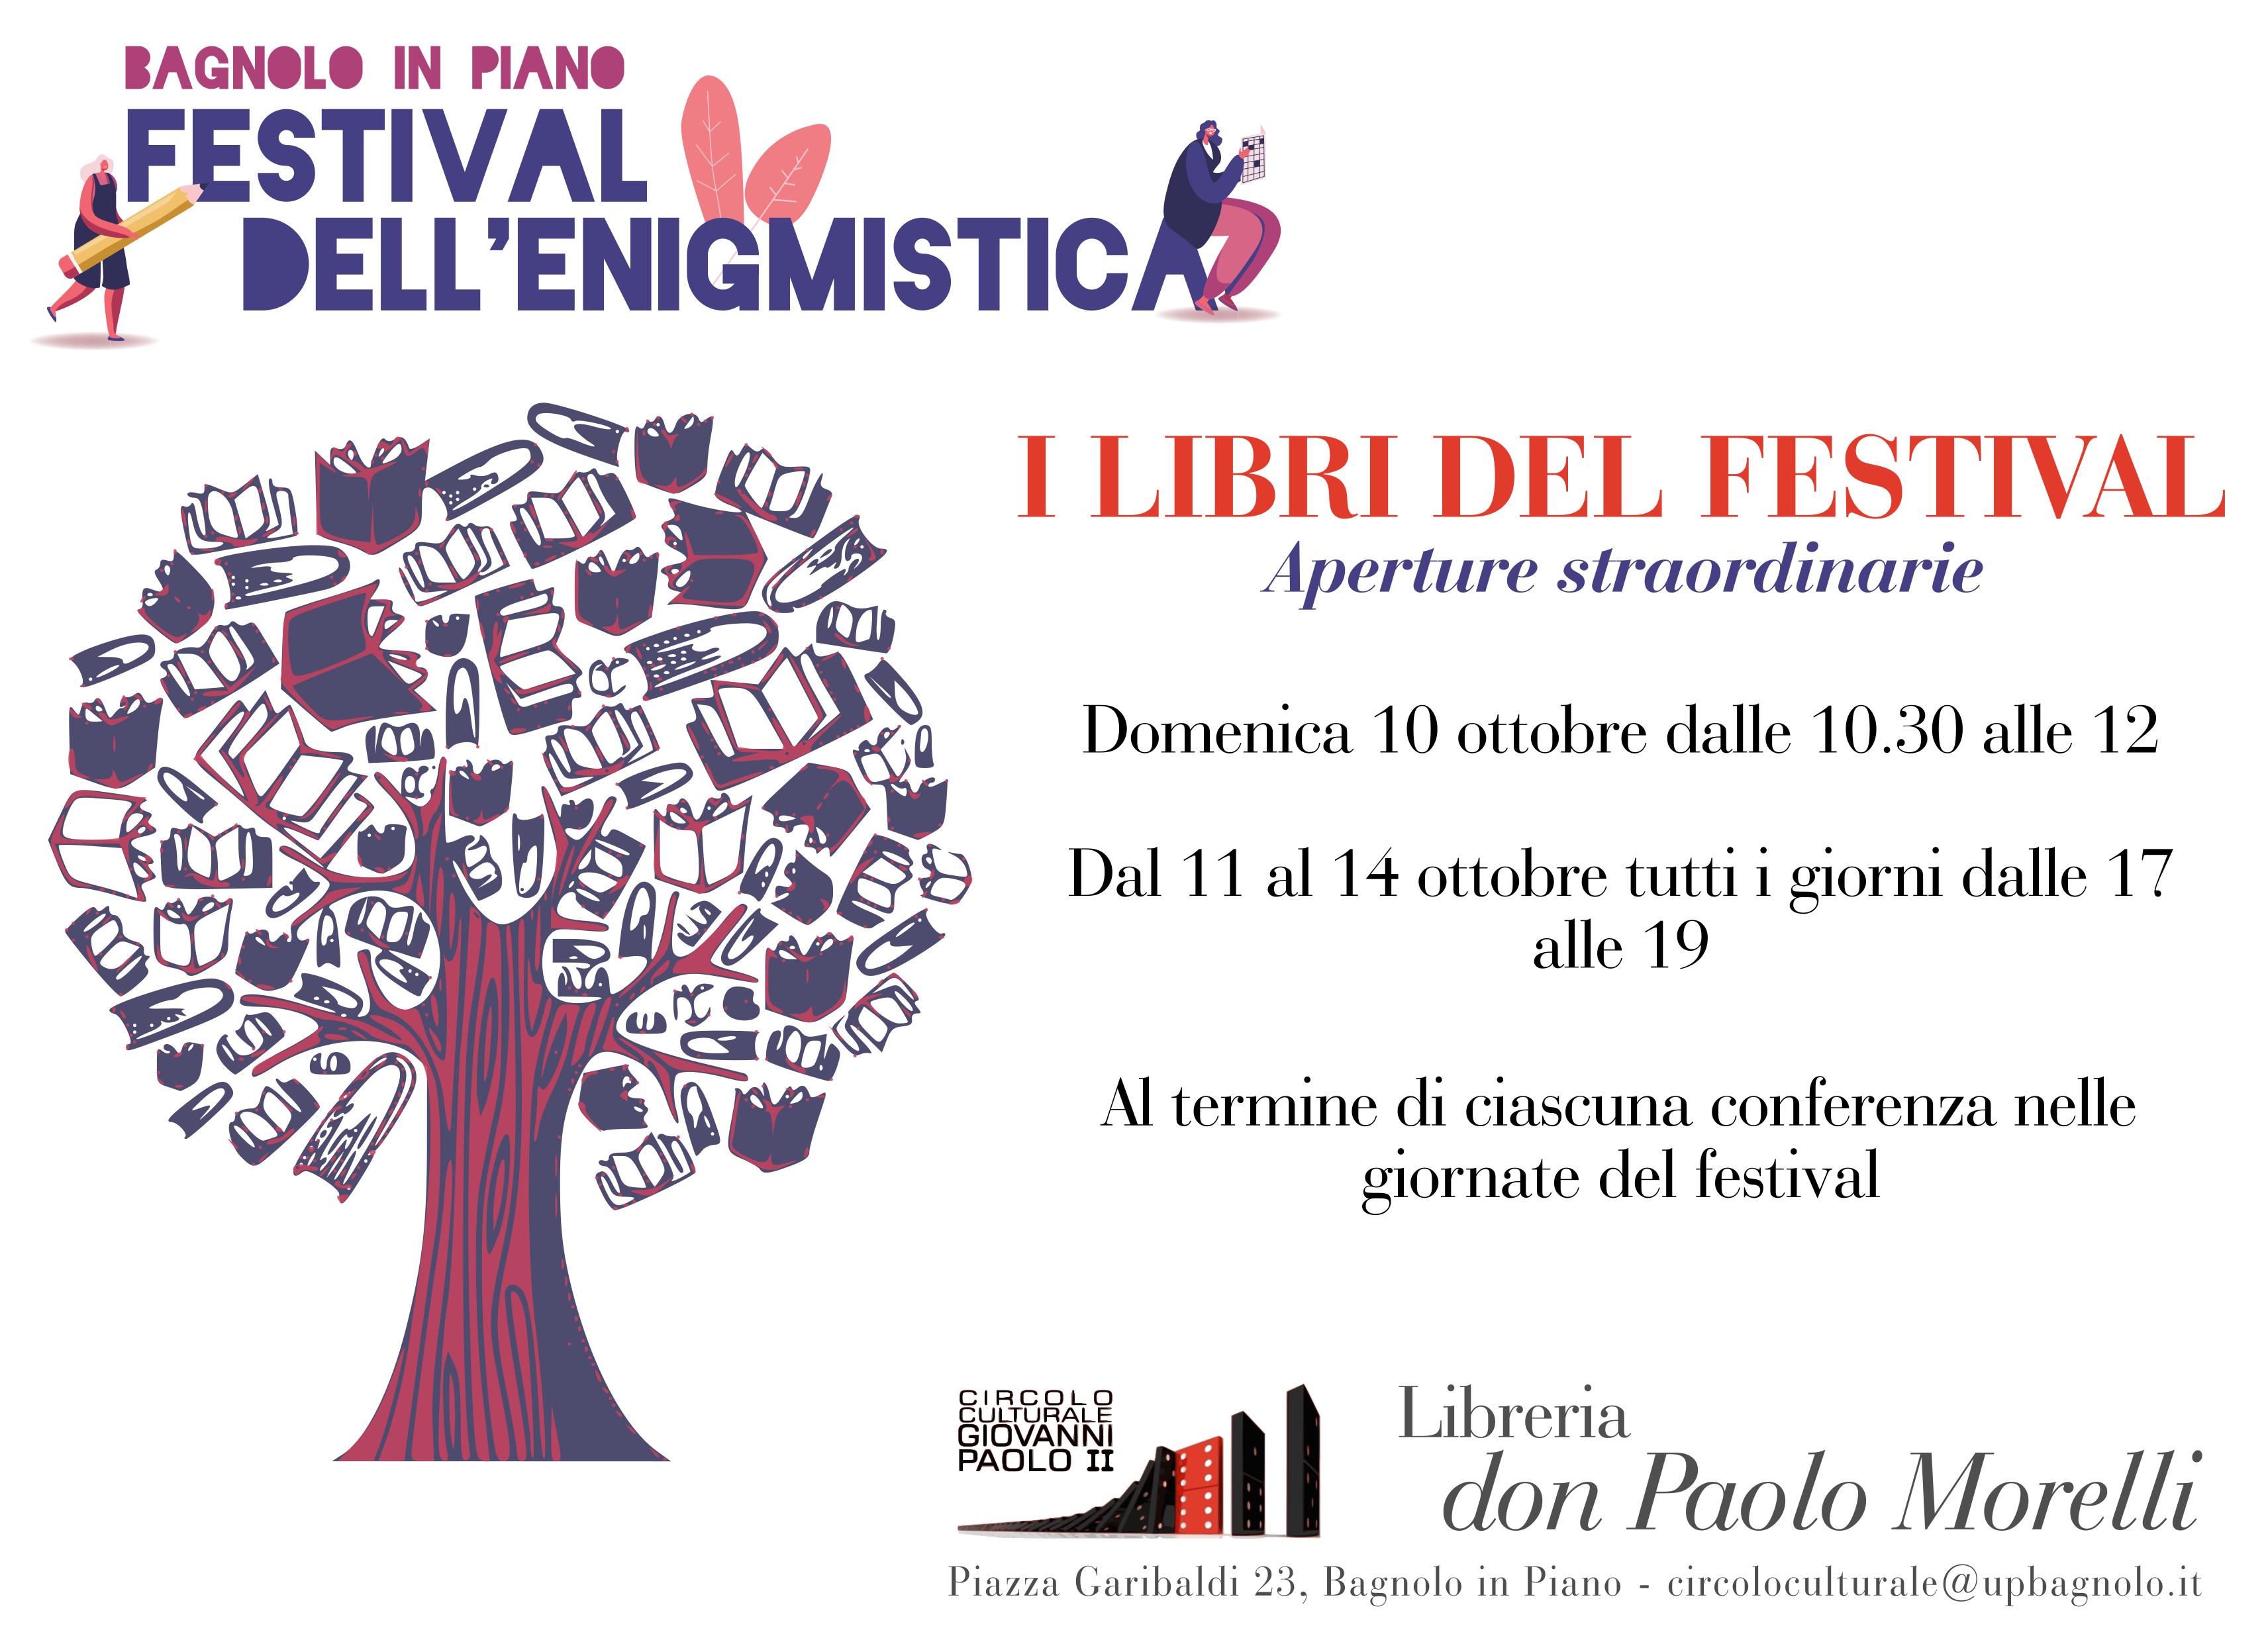 libreria_festival_enigmistica